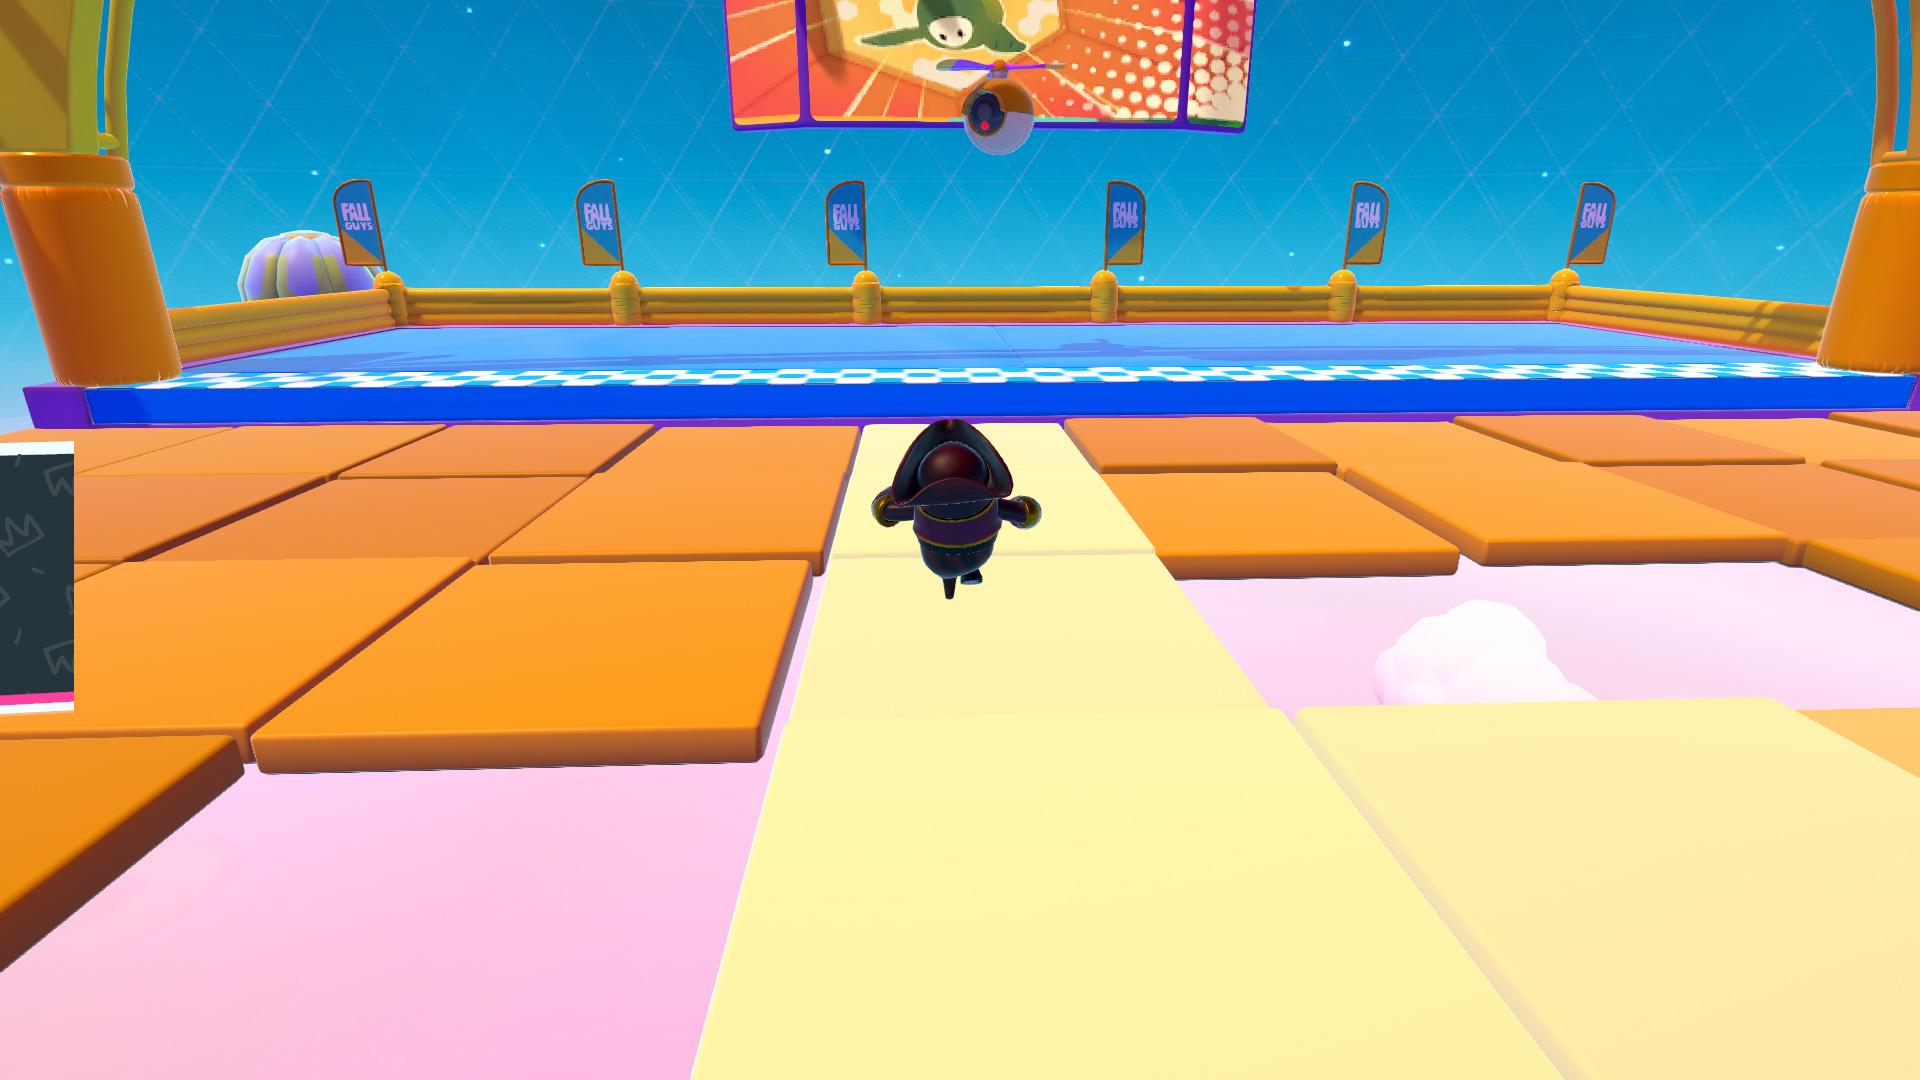 游戏中的博弈论 《糖豆人》为大逃杀展开了一条新思路 (13)